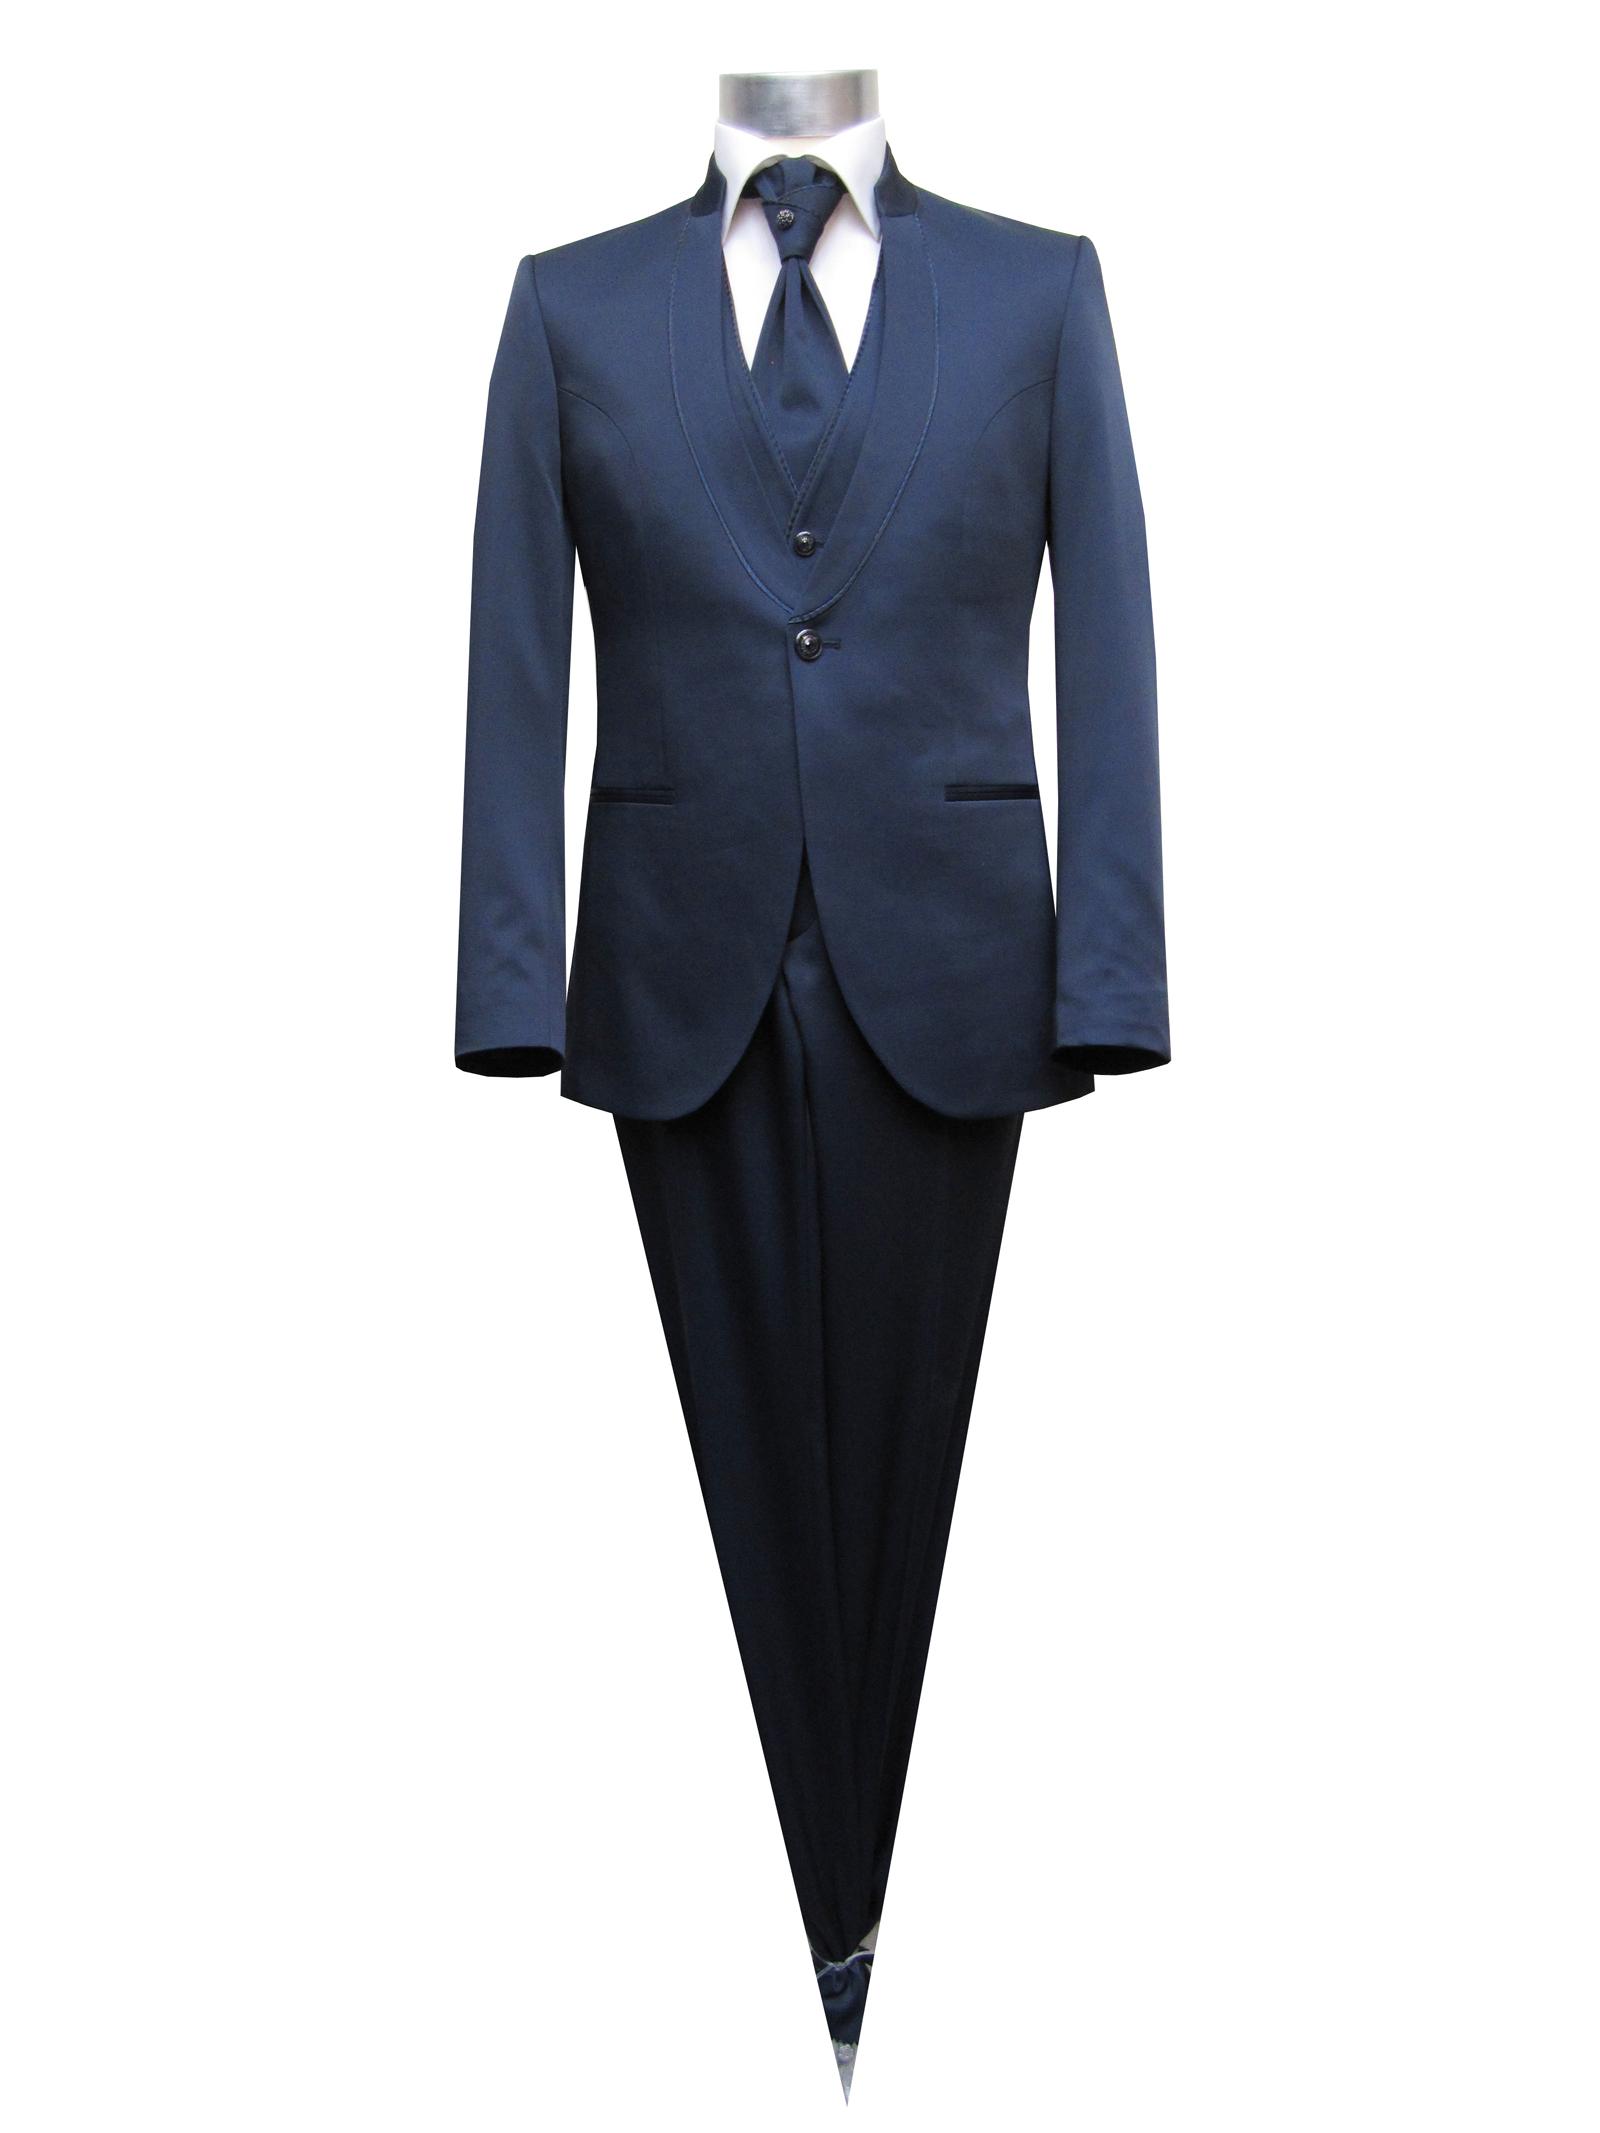 Details zu Stehkragen Herren Anzug 5 teilig Muga Gr.54 Dunkelblau